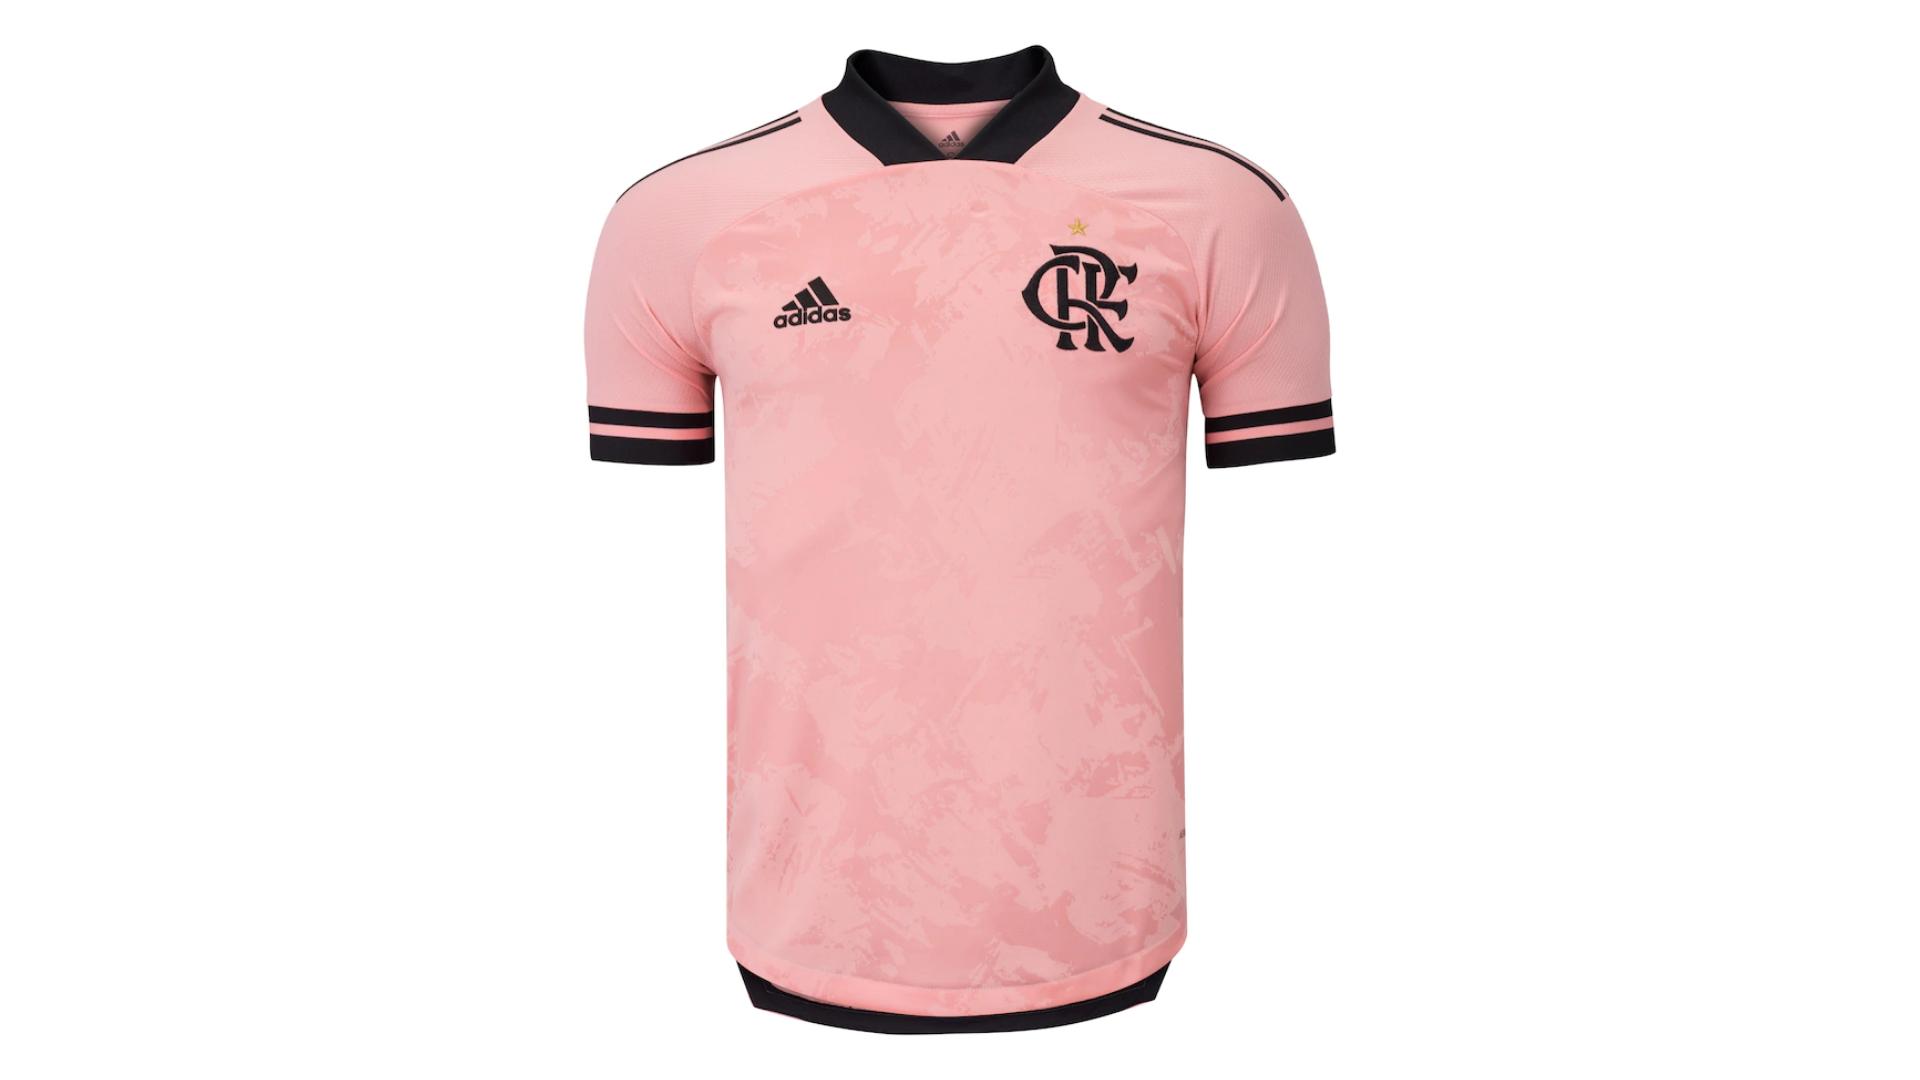 Camisa do Flamengo Rosa 2020 Adidas Outubro Rosa (Imagem: Divulgação/Adidas)